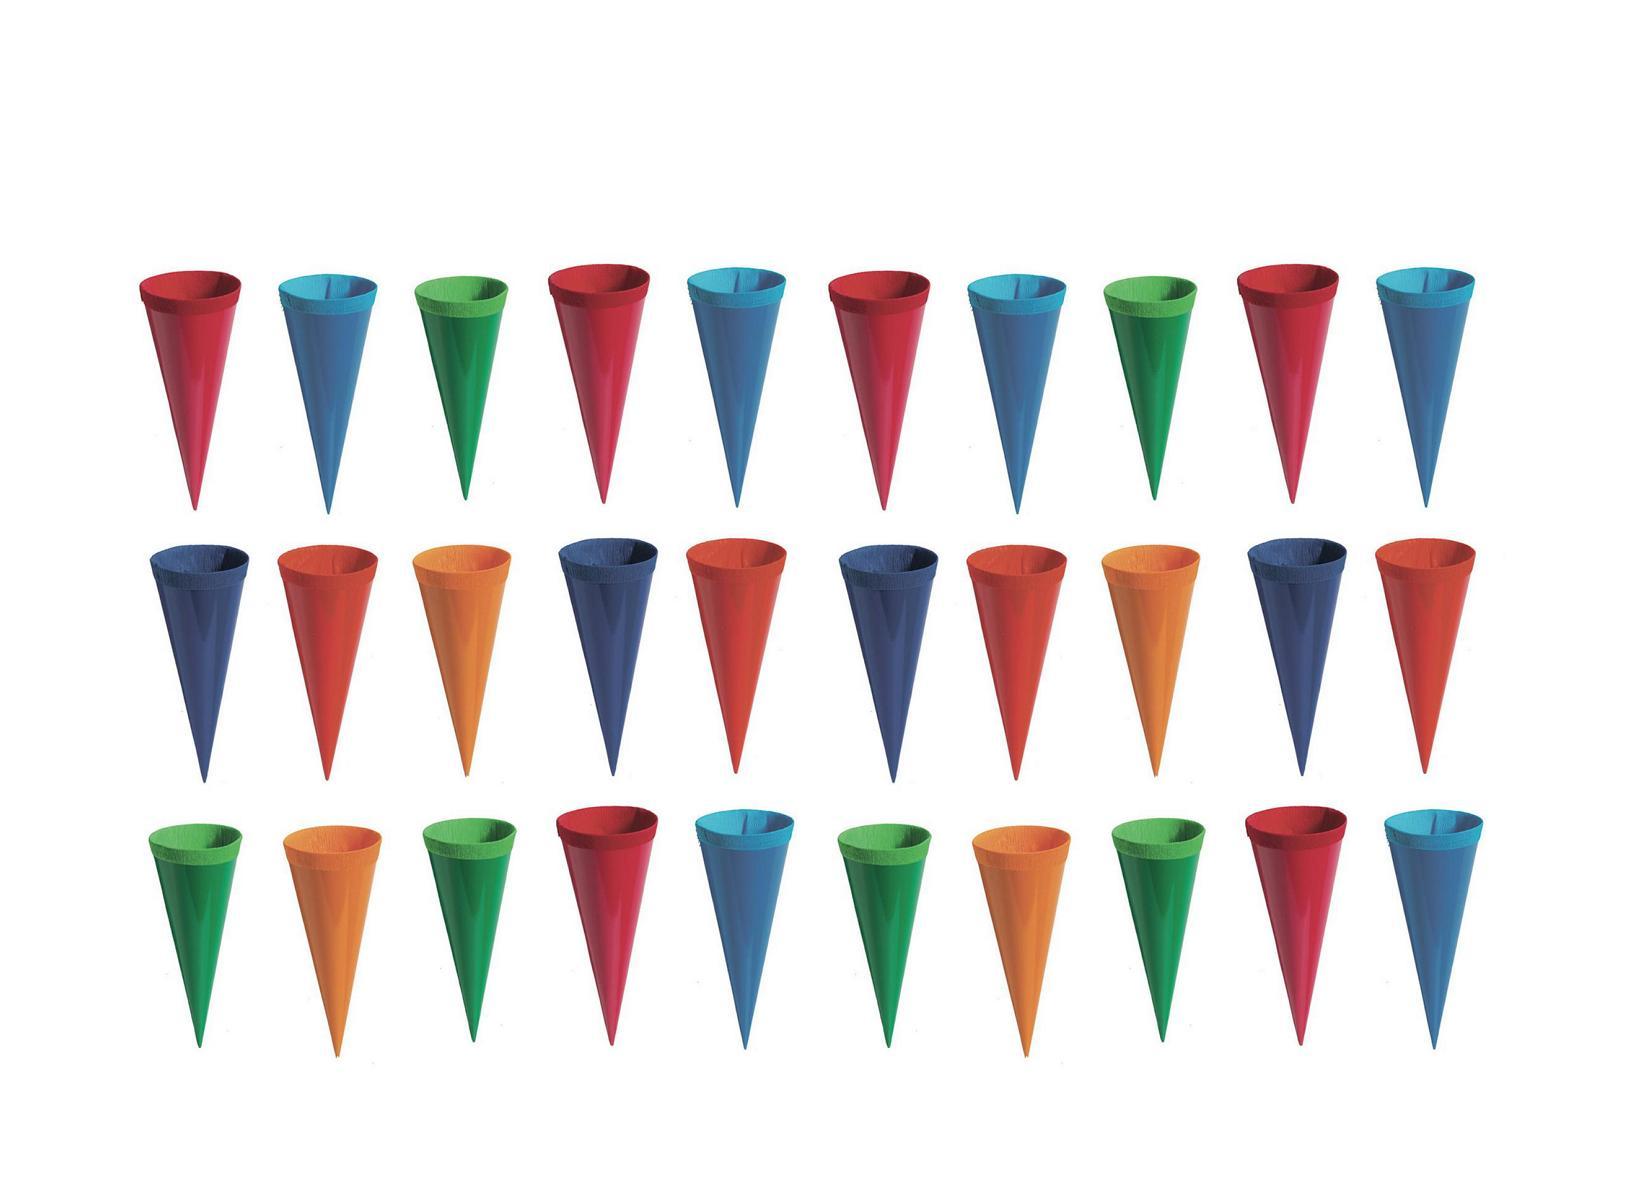 30 Deko Schultuten Lange 12 5cm 6 Verschiedene Farben Ebay